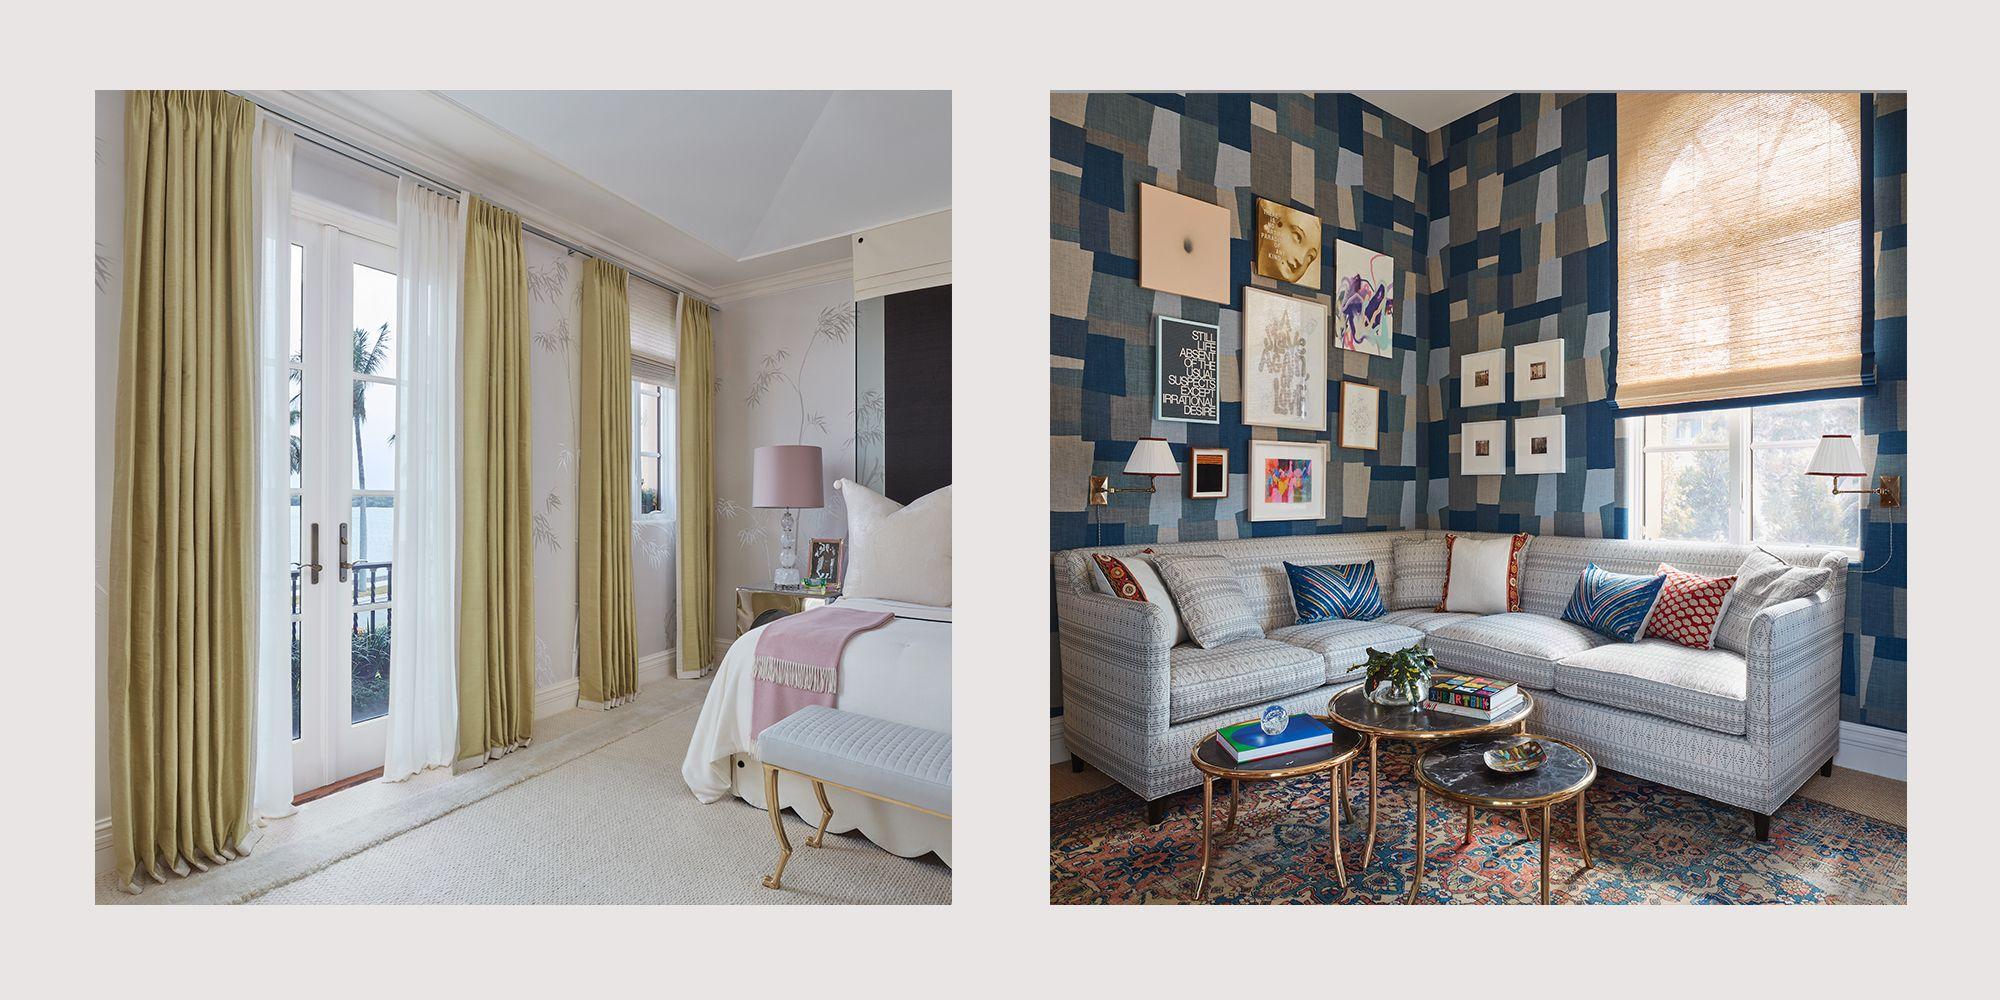 Window Ideas From Kips Bay Showcase